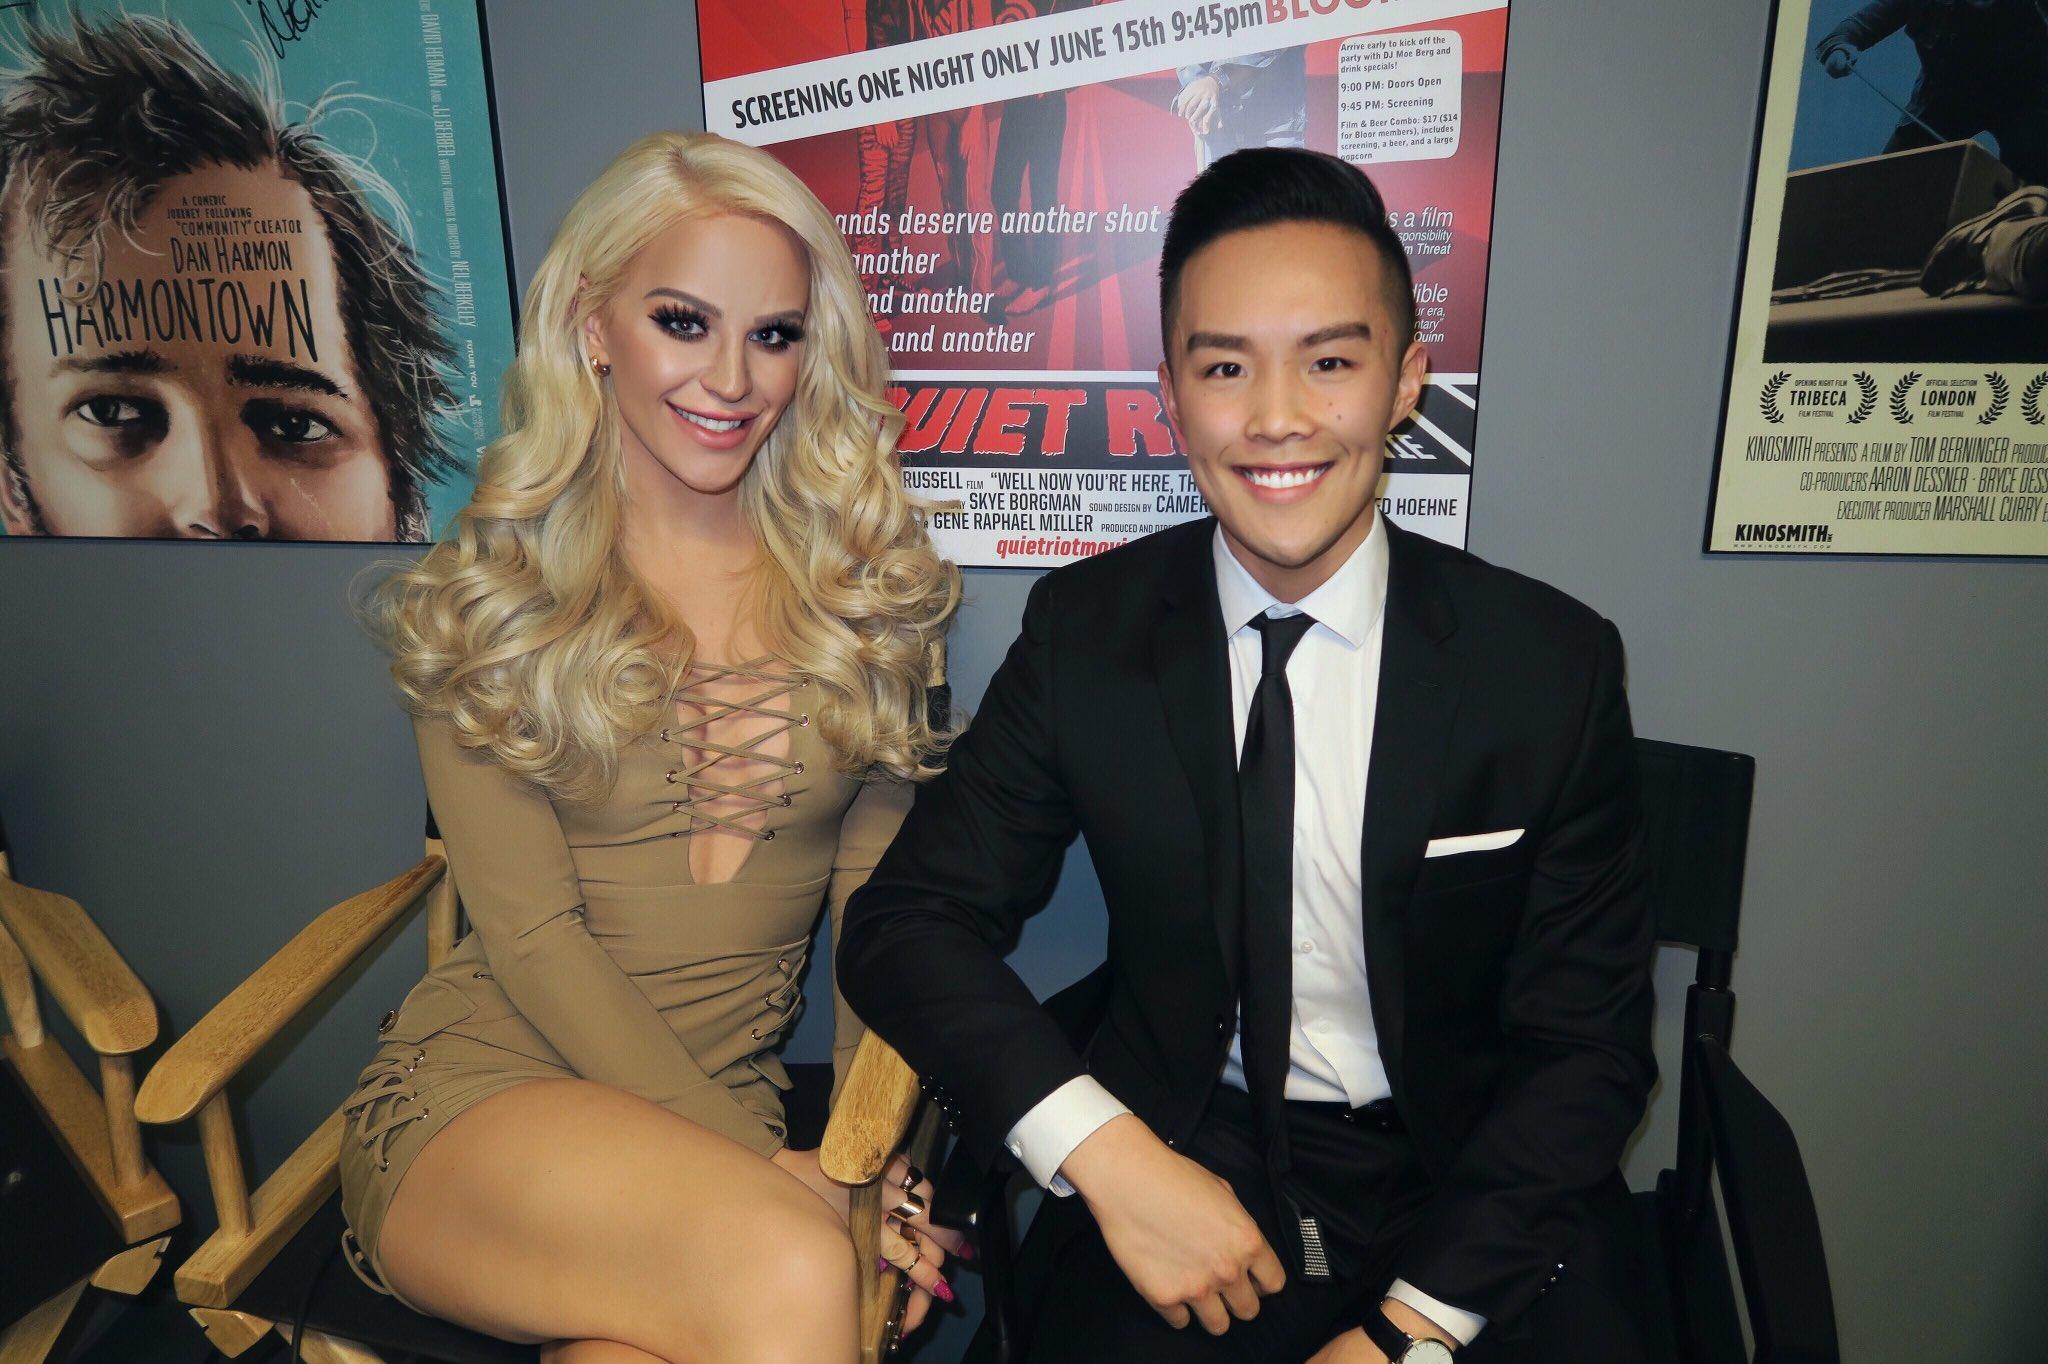 Nathan Sing interviewing Gigi Gorgeous at Hot Docs Toronto